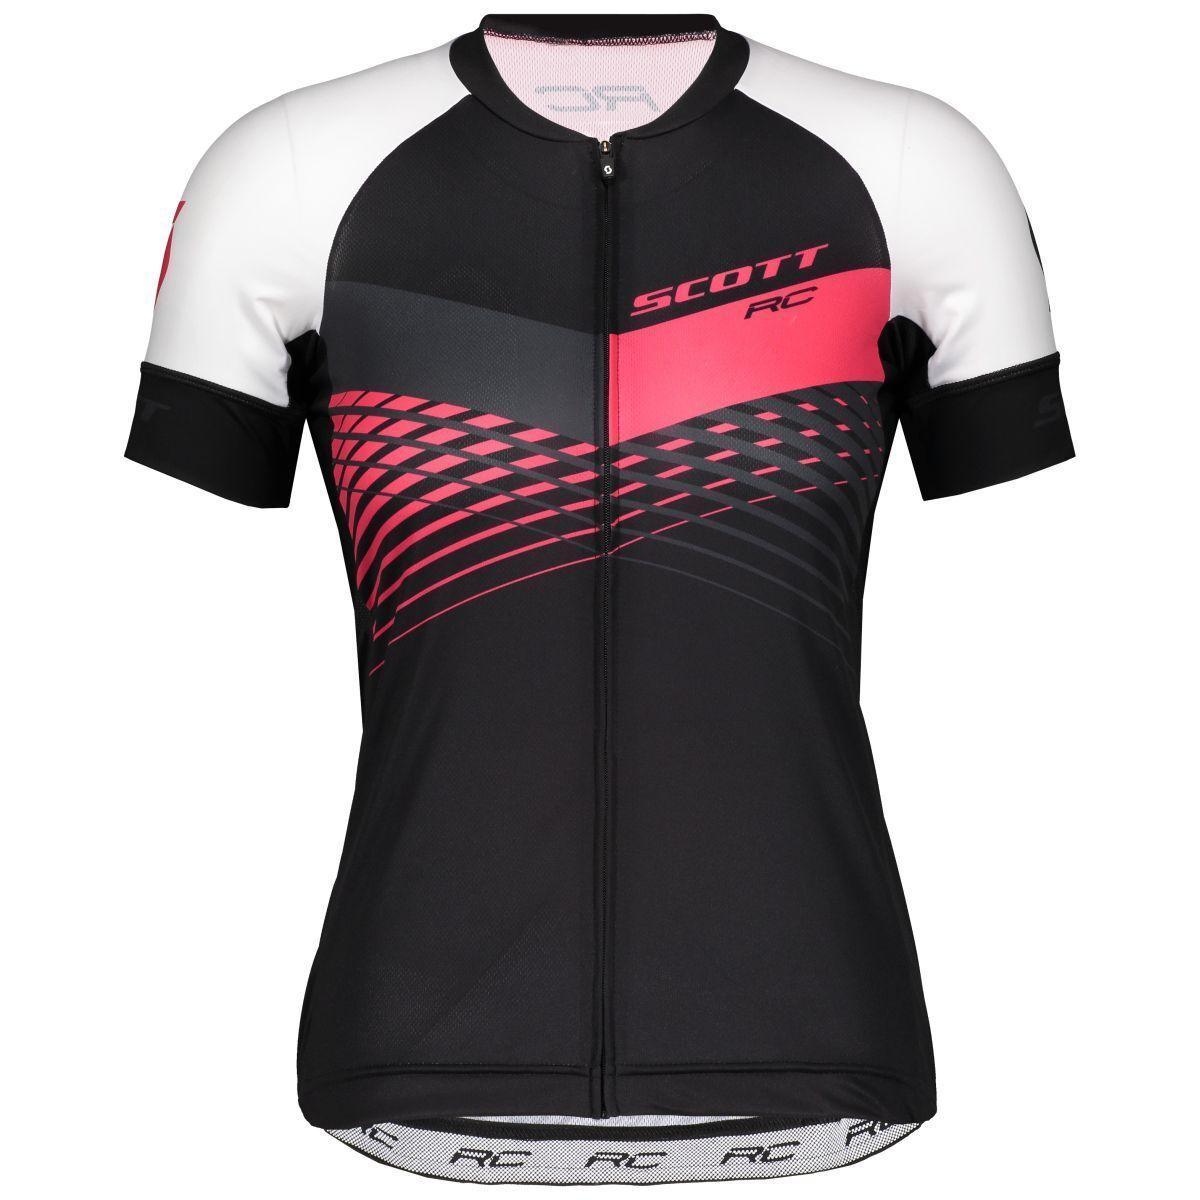 Scott RC Pro Damen Fahrrad Trikot kurz schwarz/Rosa 2019